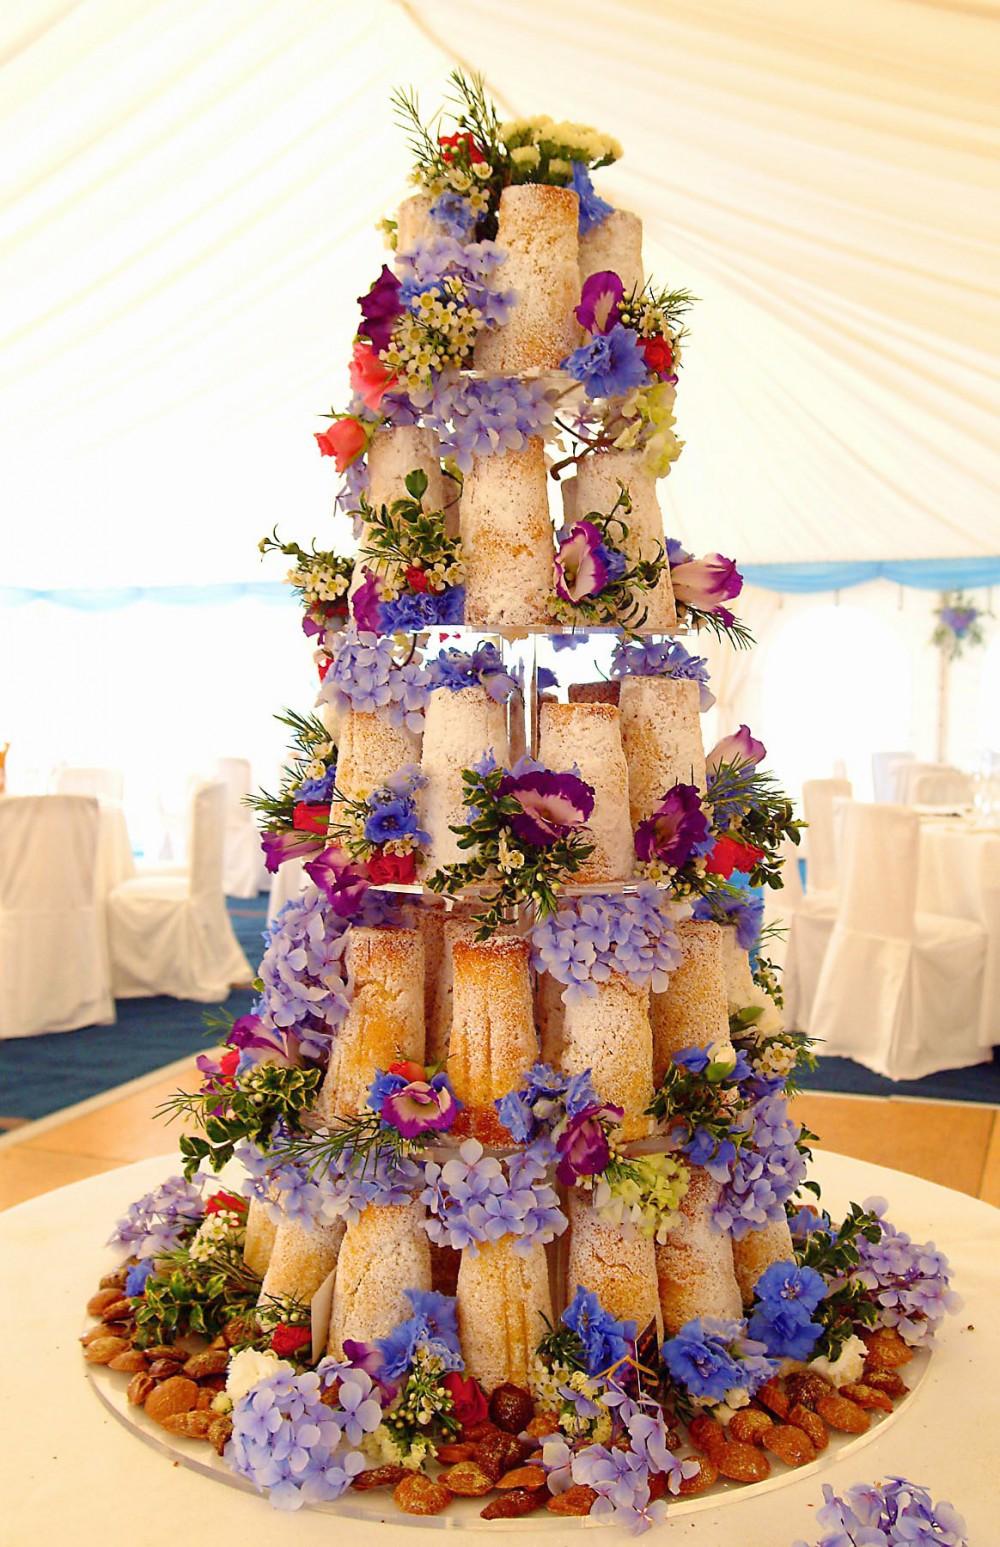 Cupcakes Individual Cakes Devon